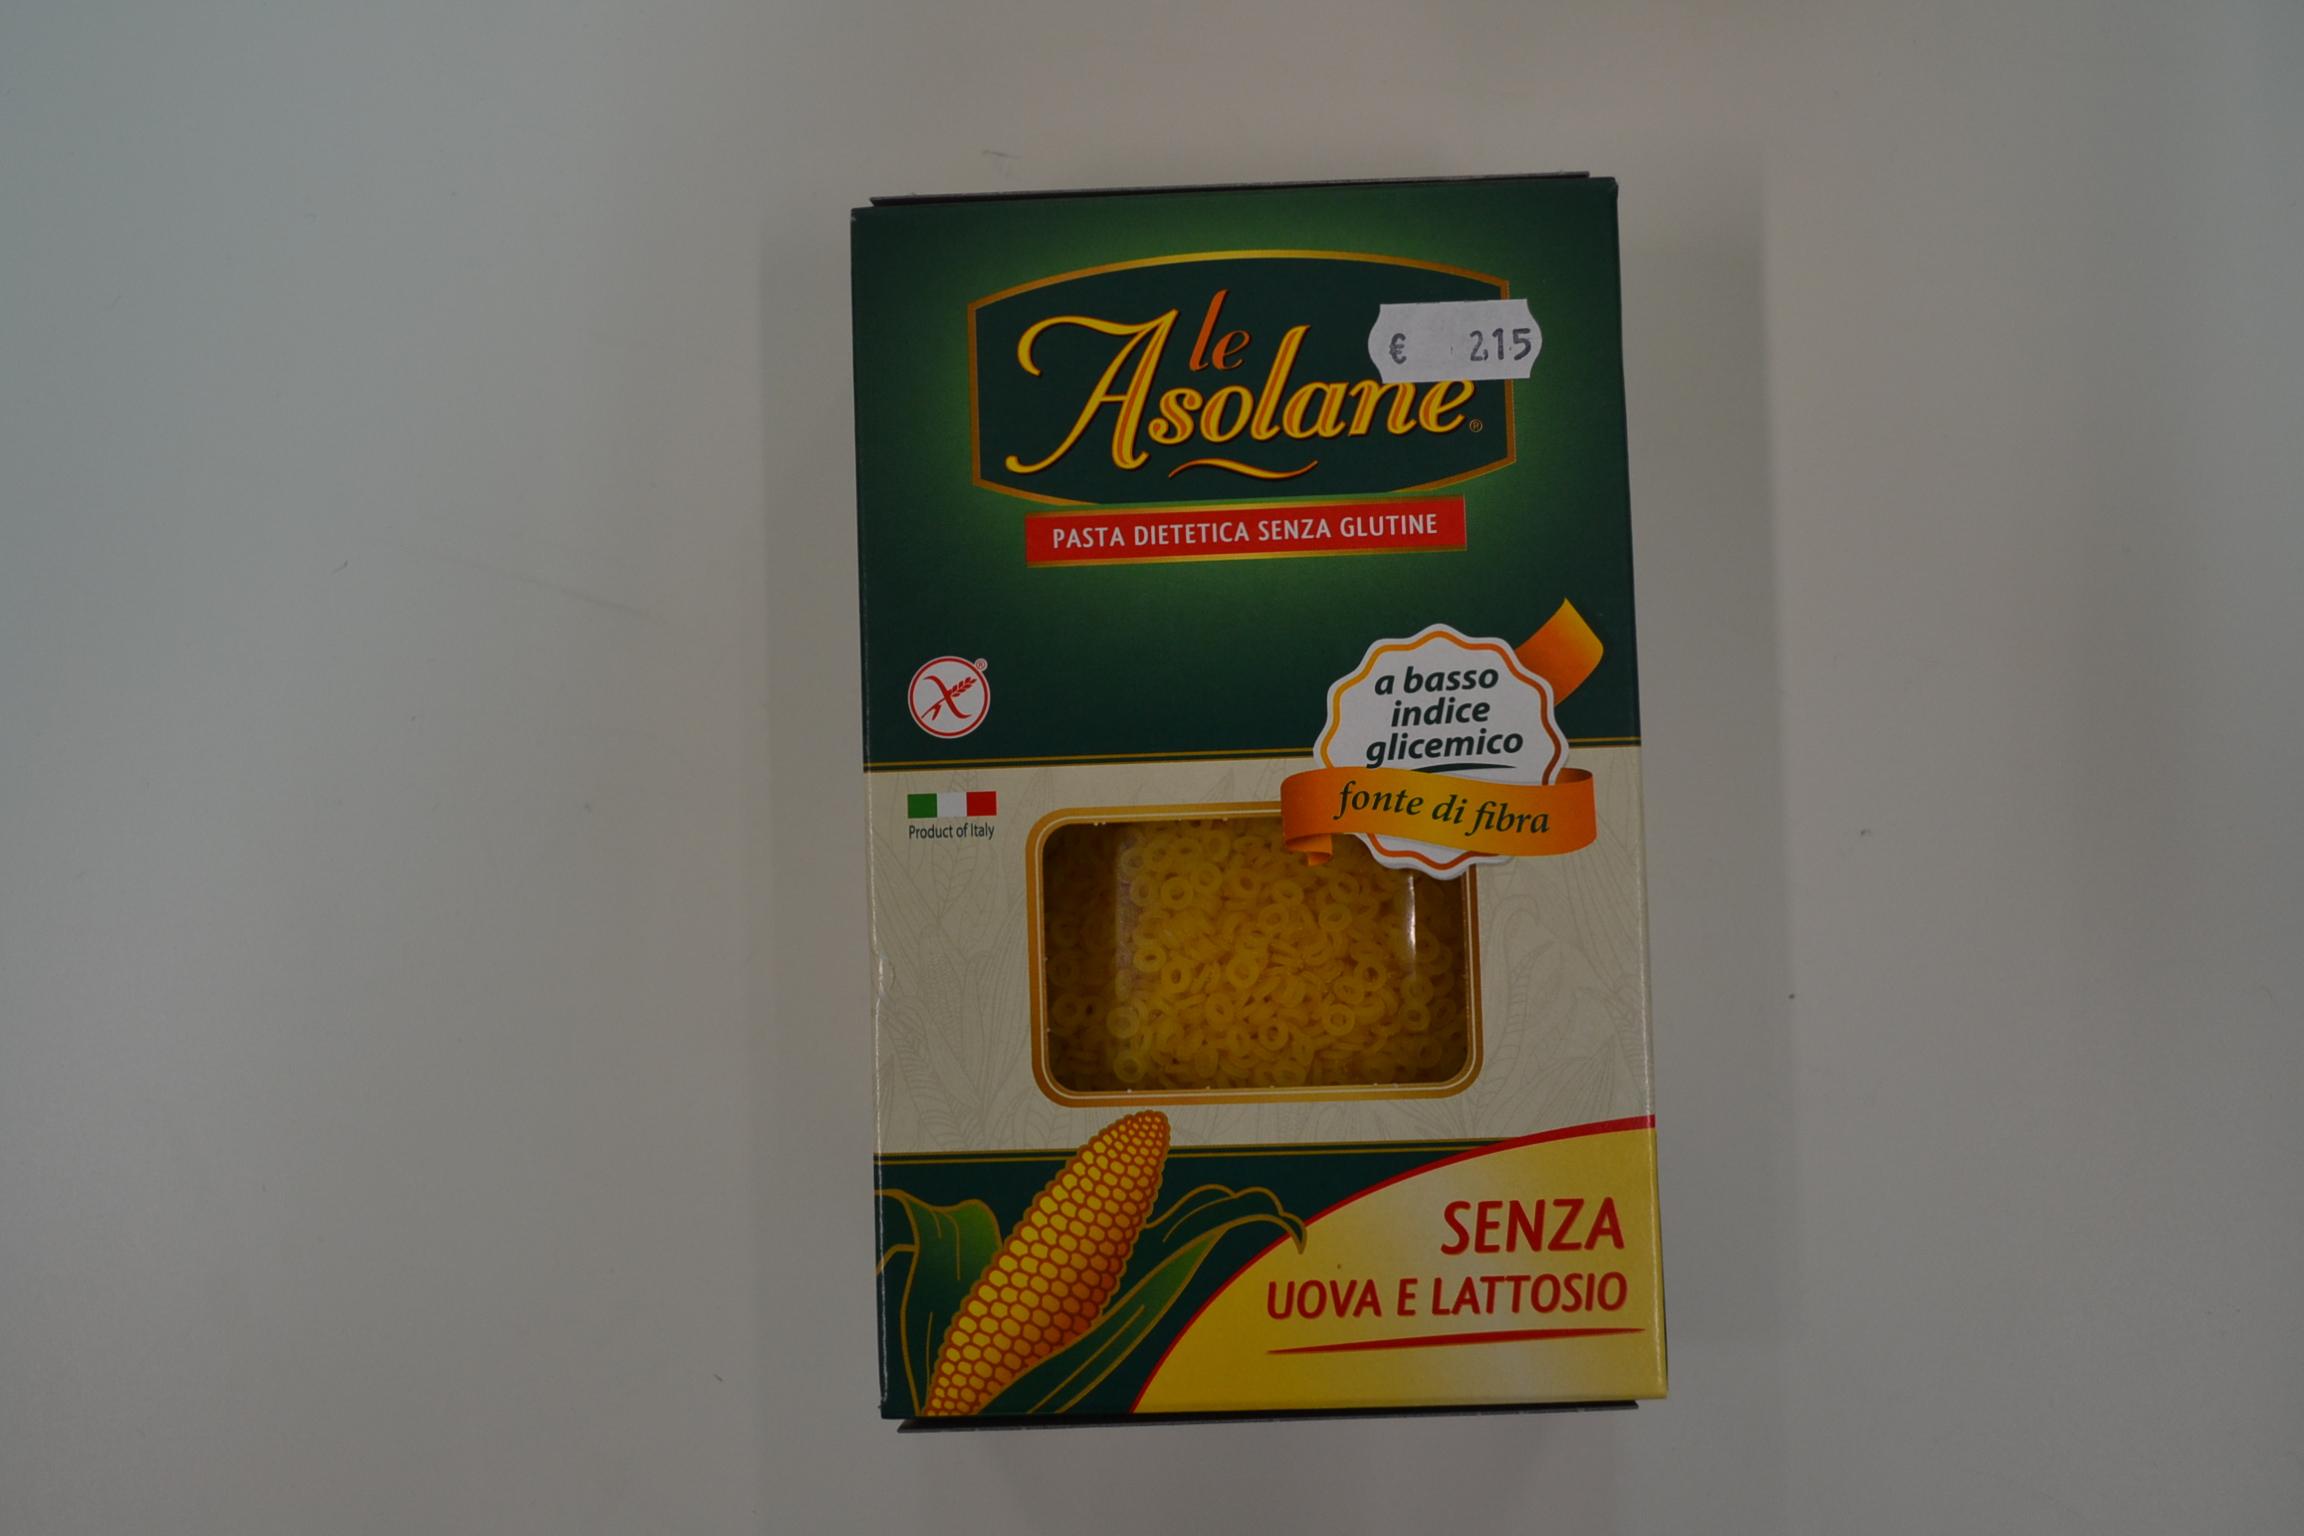 LE ASOLANE (fonte di fibre) €2,15